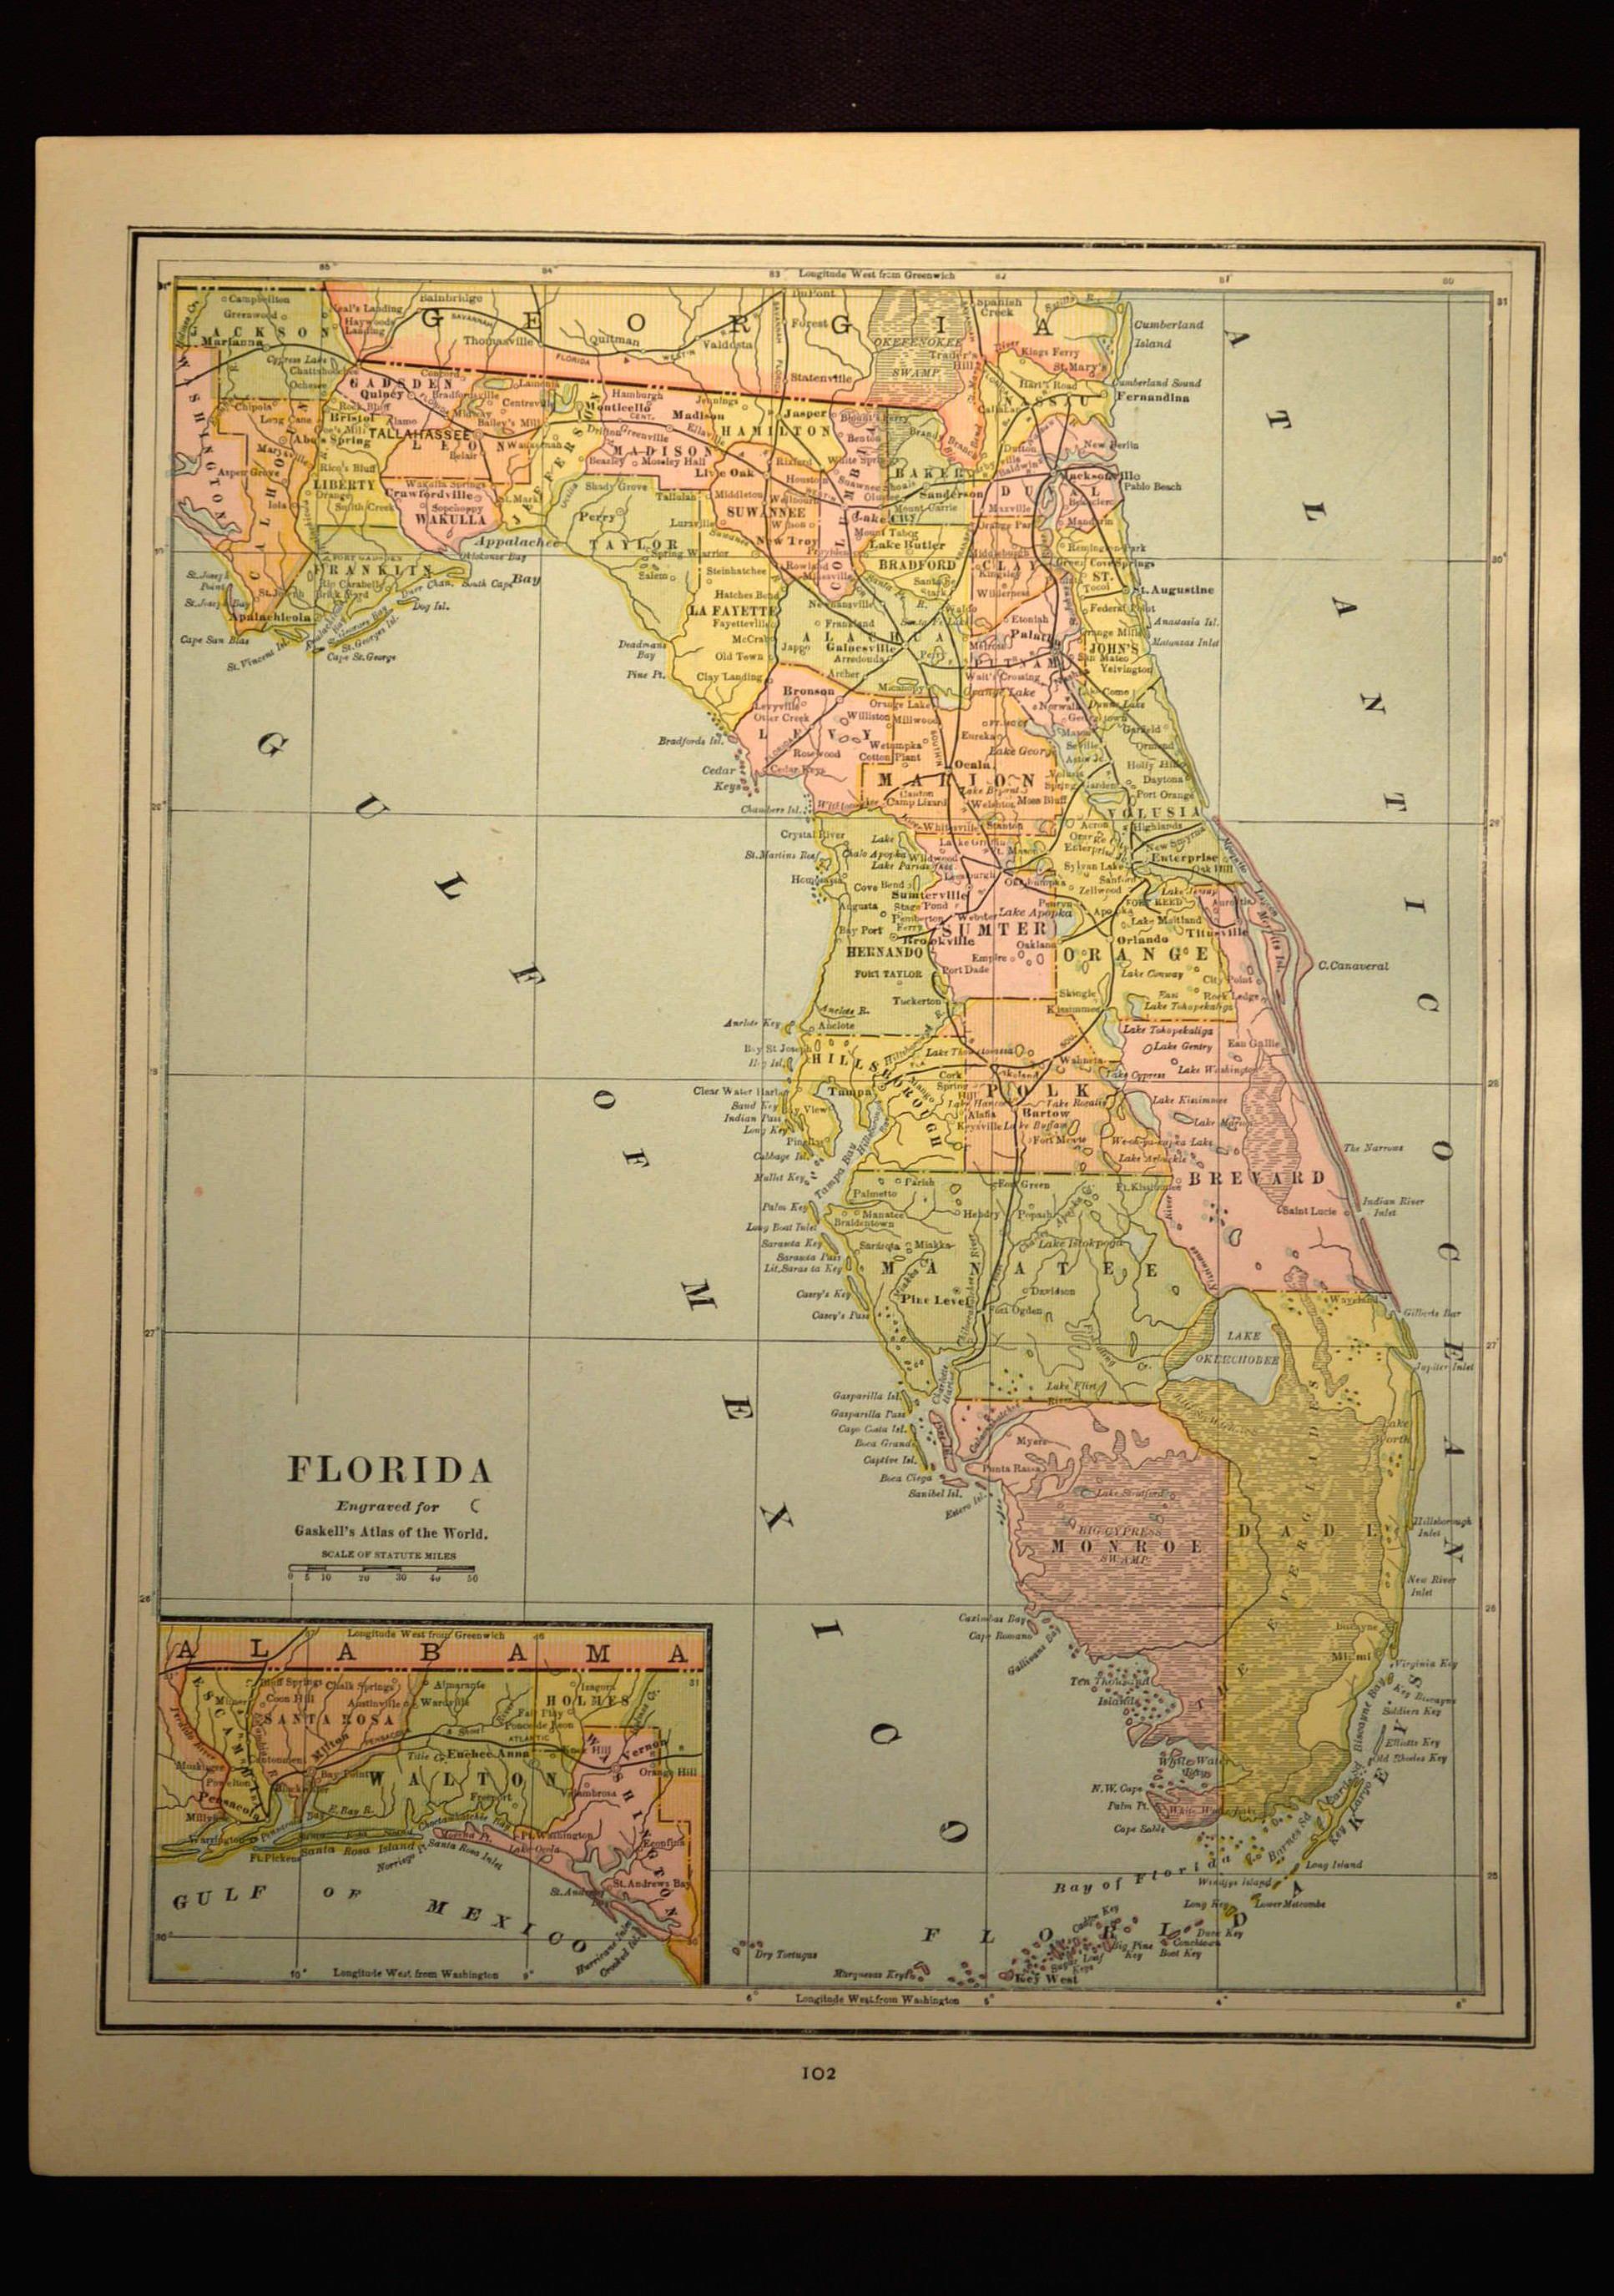 Antique Florida Map Of Florida Wall Decor Art Original Gift Idea - Florida Map Wall Decor